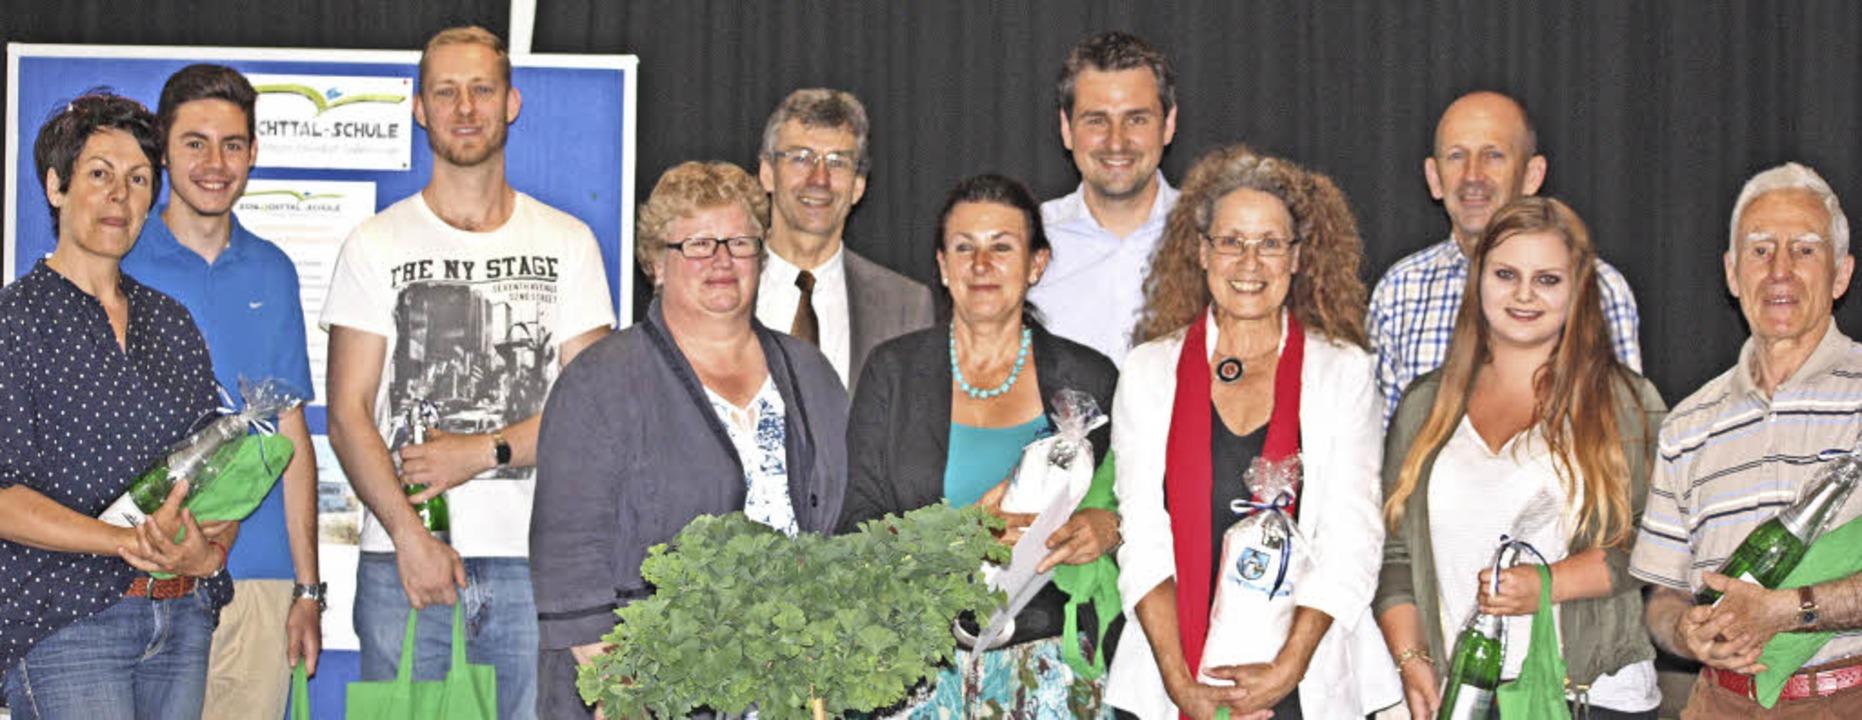 Abschied von beliebten Lehrern - Ühlingen-Birkendorf - Badische Zeitung